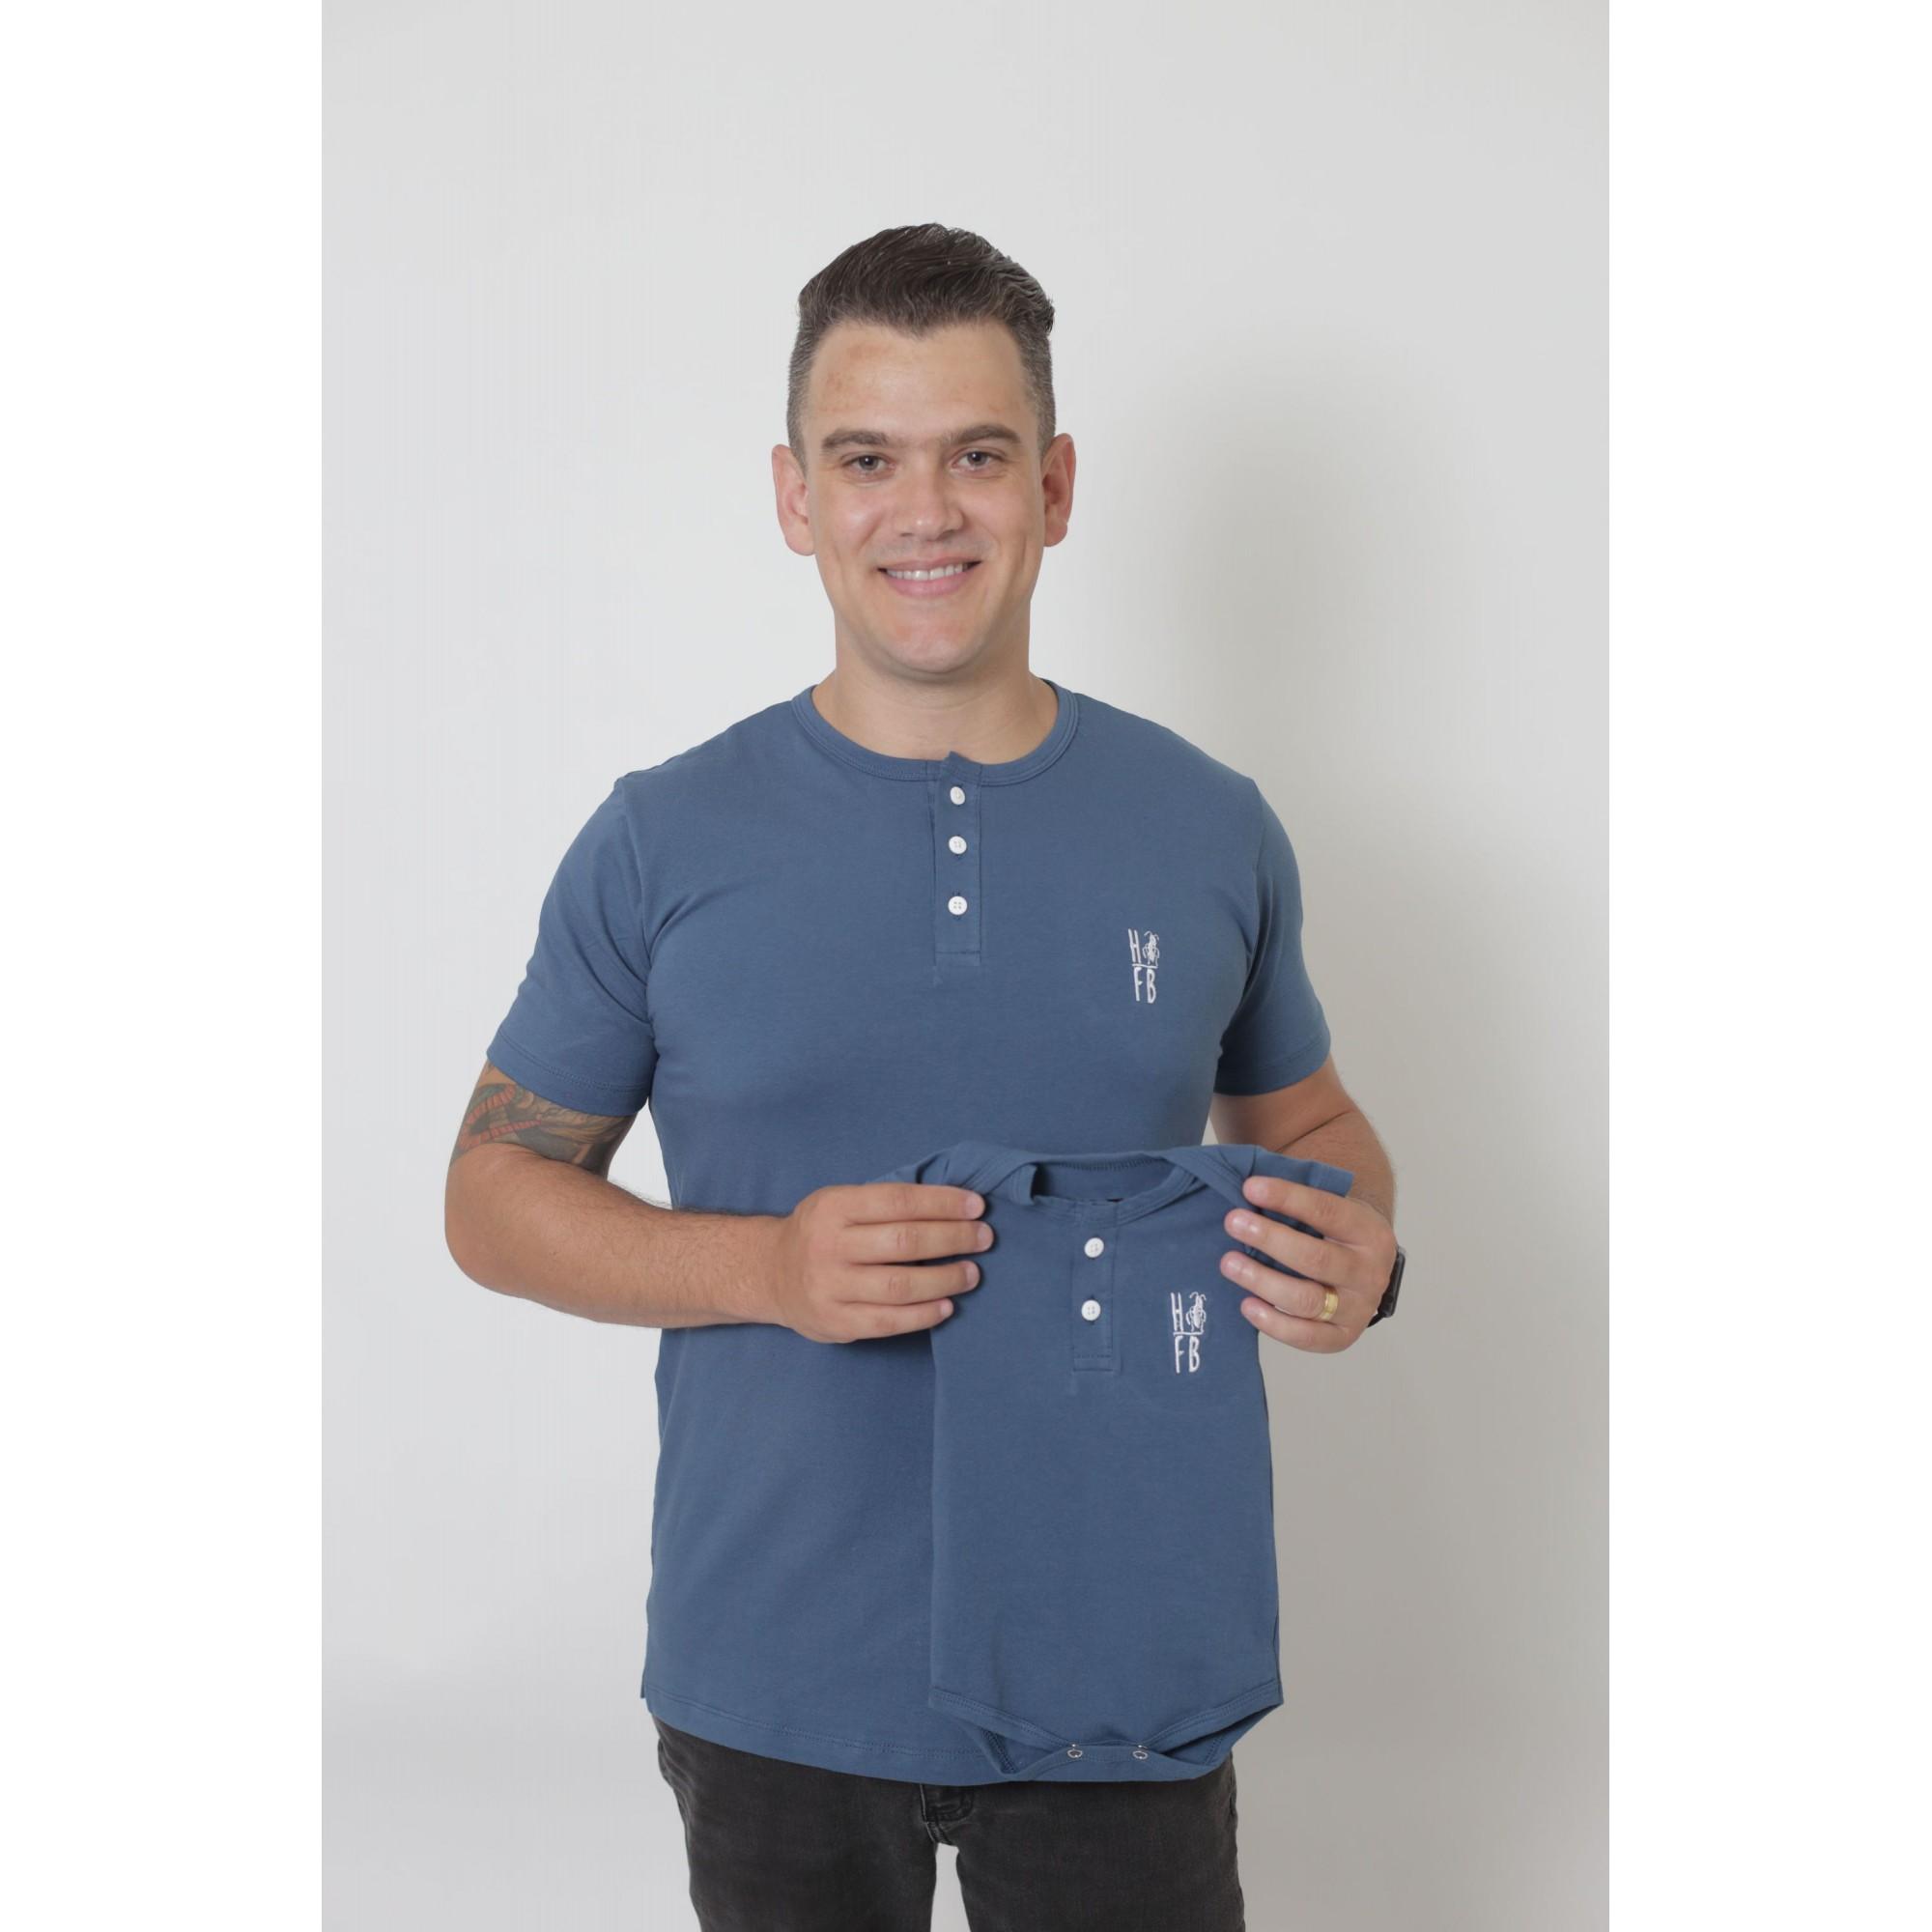 PAI E FILHOS > 02 Peças - T-Shirt + Body Unissex Henley - Azul Petróleo  [Coleção Tal Pai Tal Filho]  - Heitor Fashion Brazil